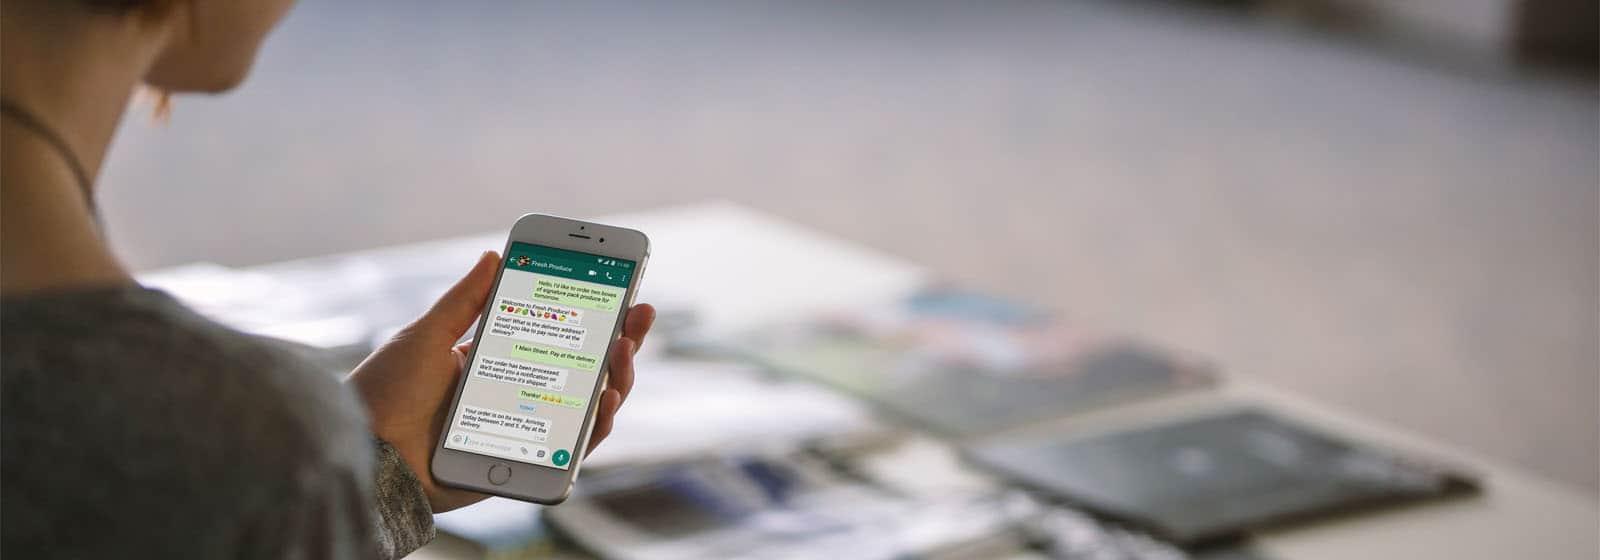 WhatsApp: ecco cosa è cambiato con l'arrivo delle API